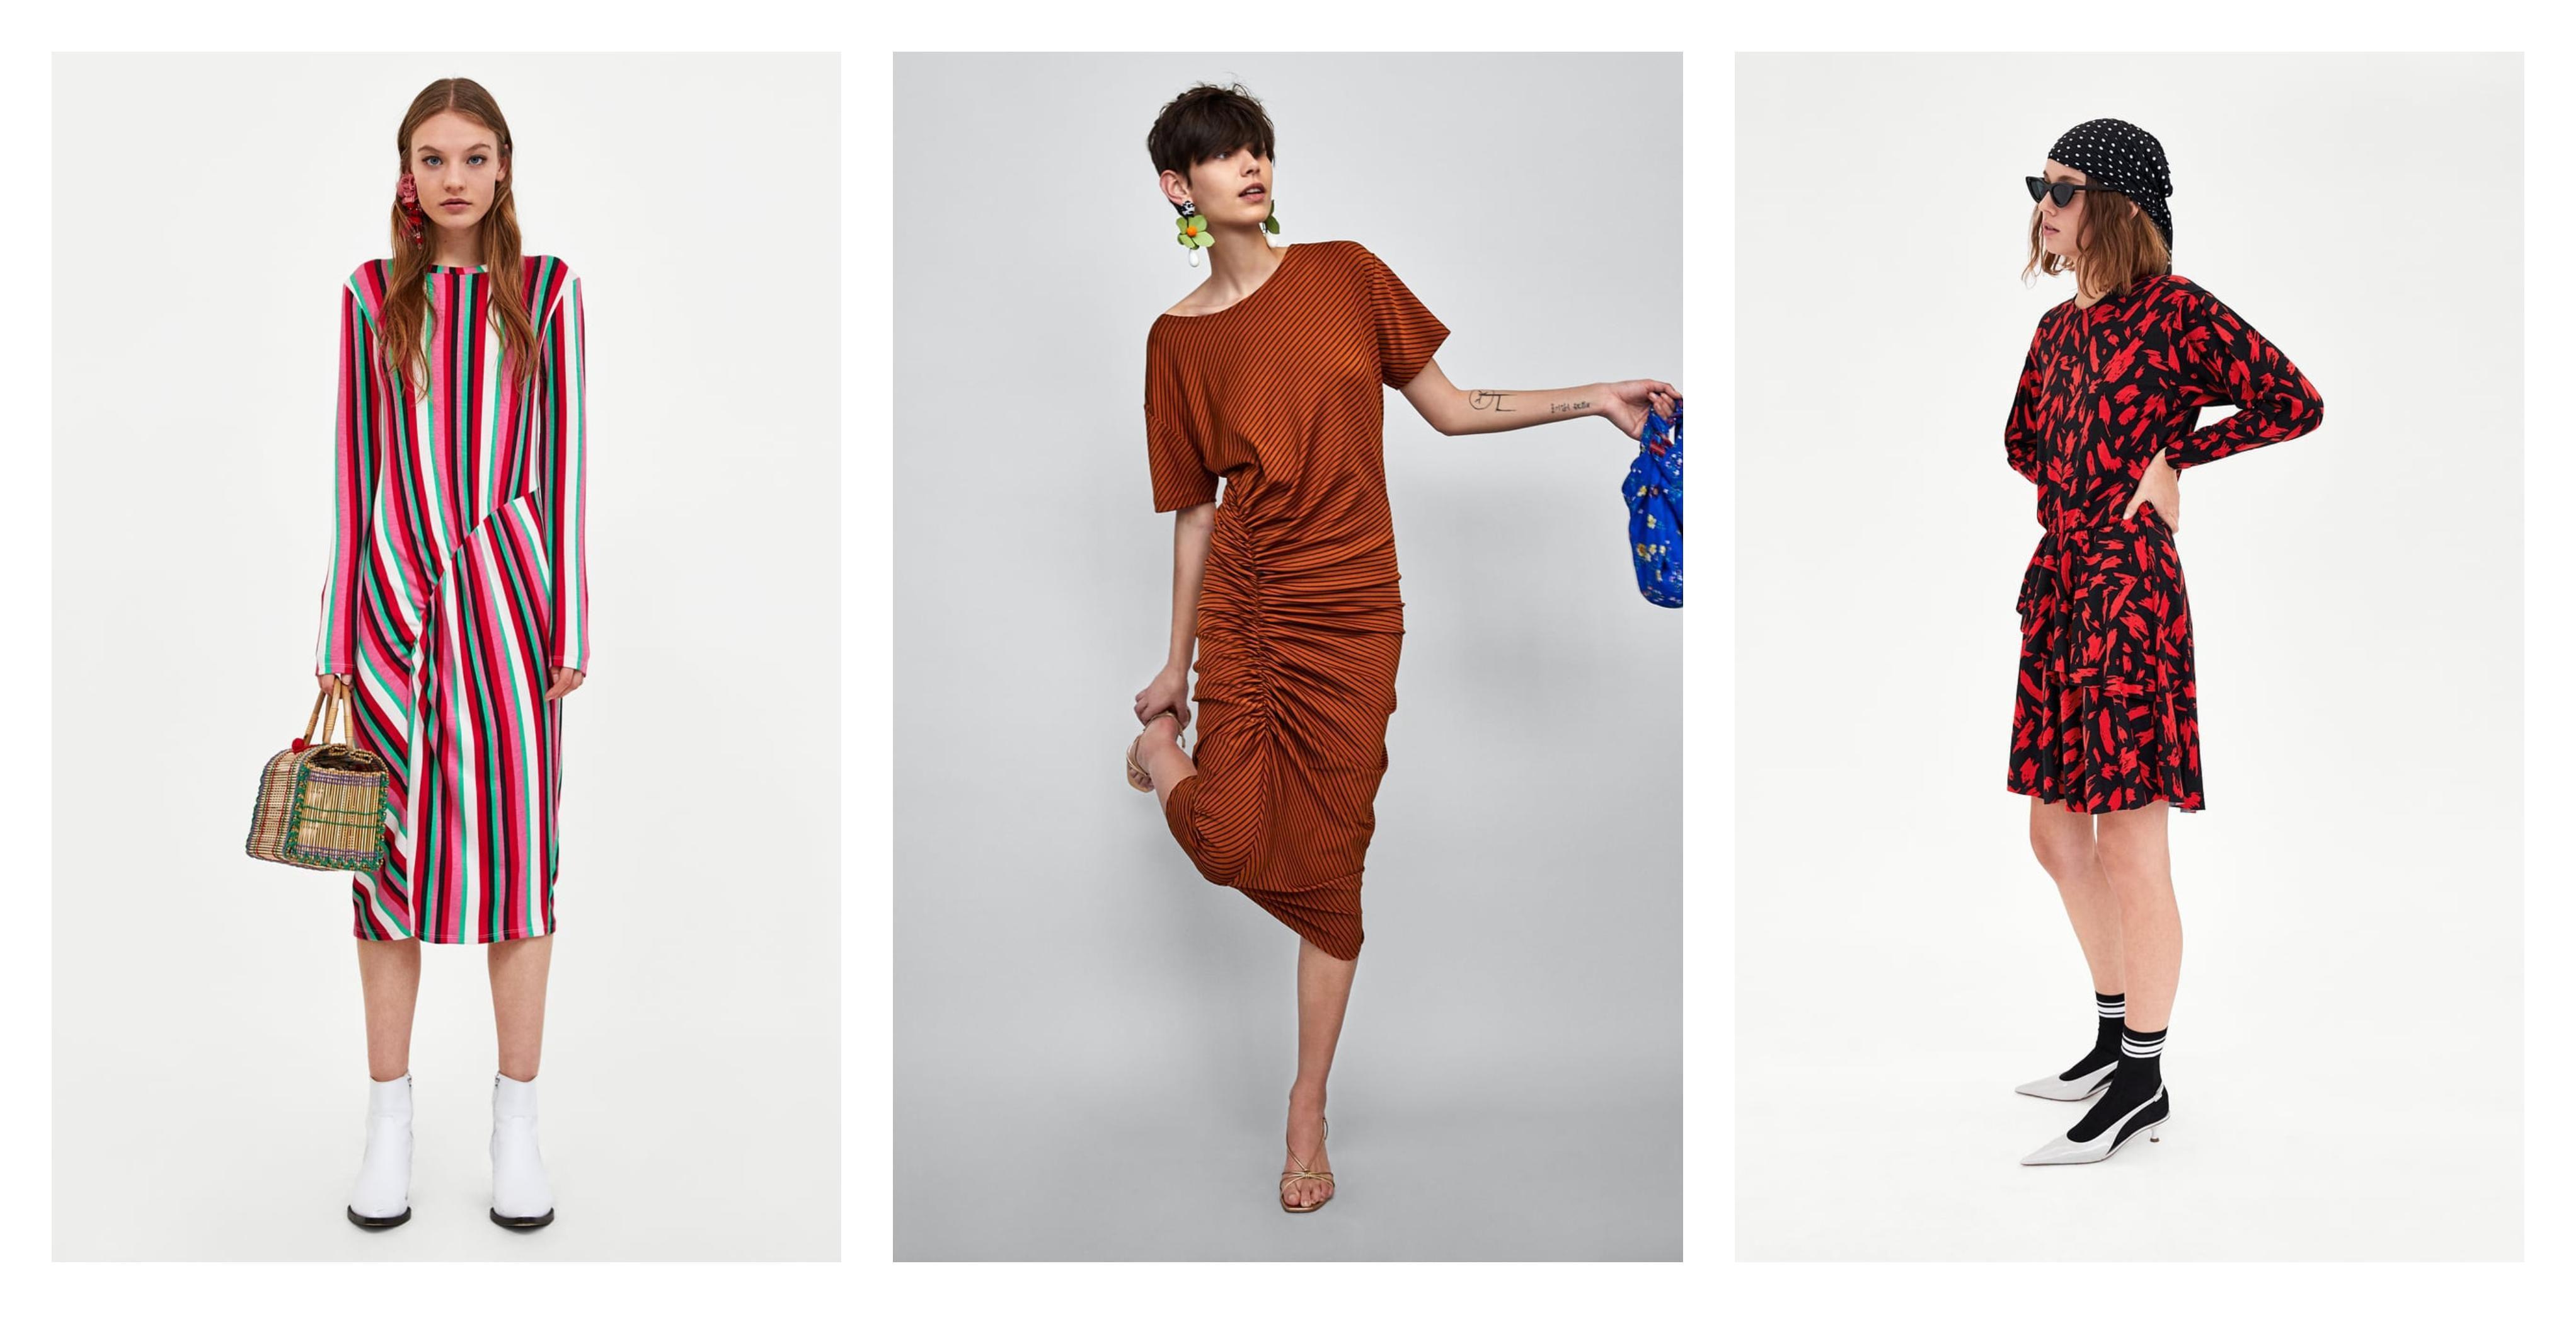 Vrijeme je za shopping: U Zari smo pronašli 10 haljina do 99 kuna koje su idealne za sve prigode